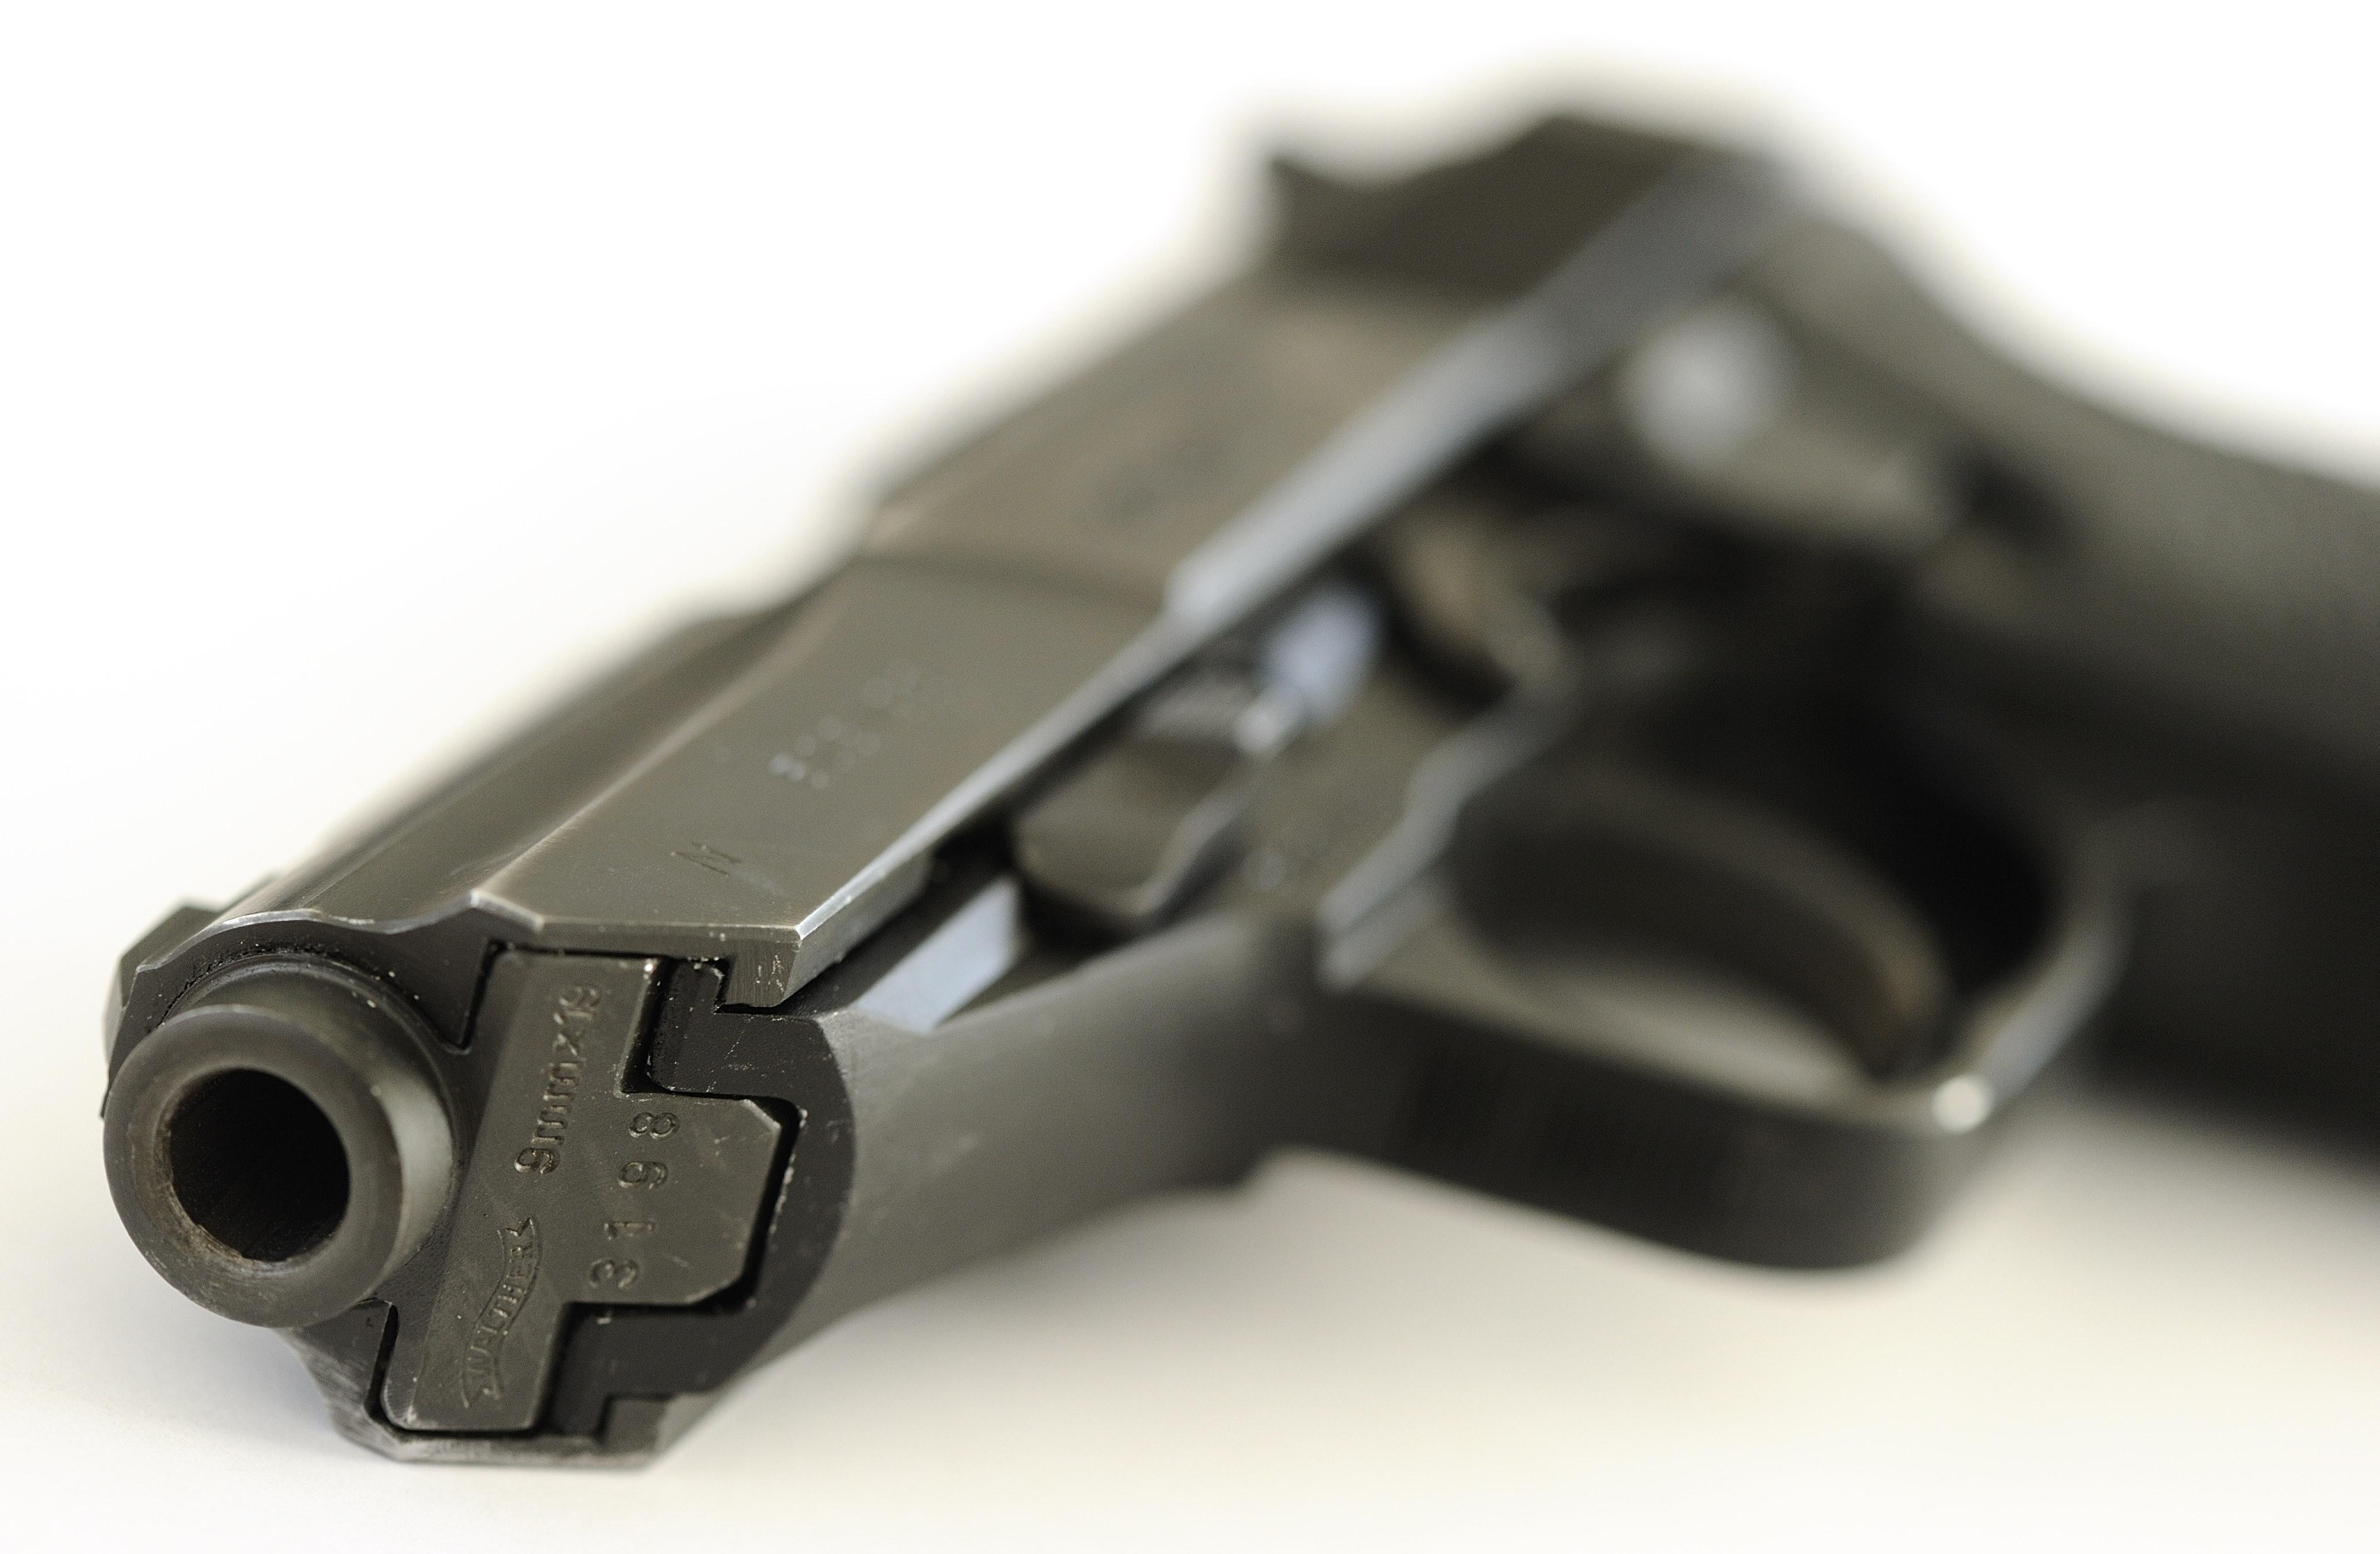 Agent vindt vuurwapen, drugs en groot geldbedrag in auto van mannen uit Hoorn en Medemblik